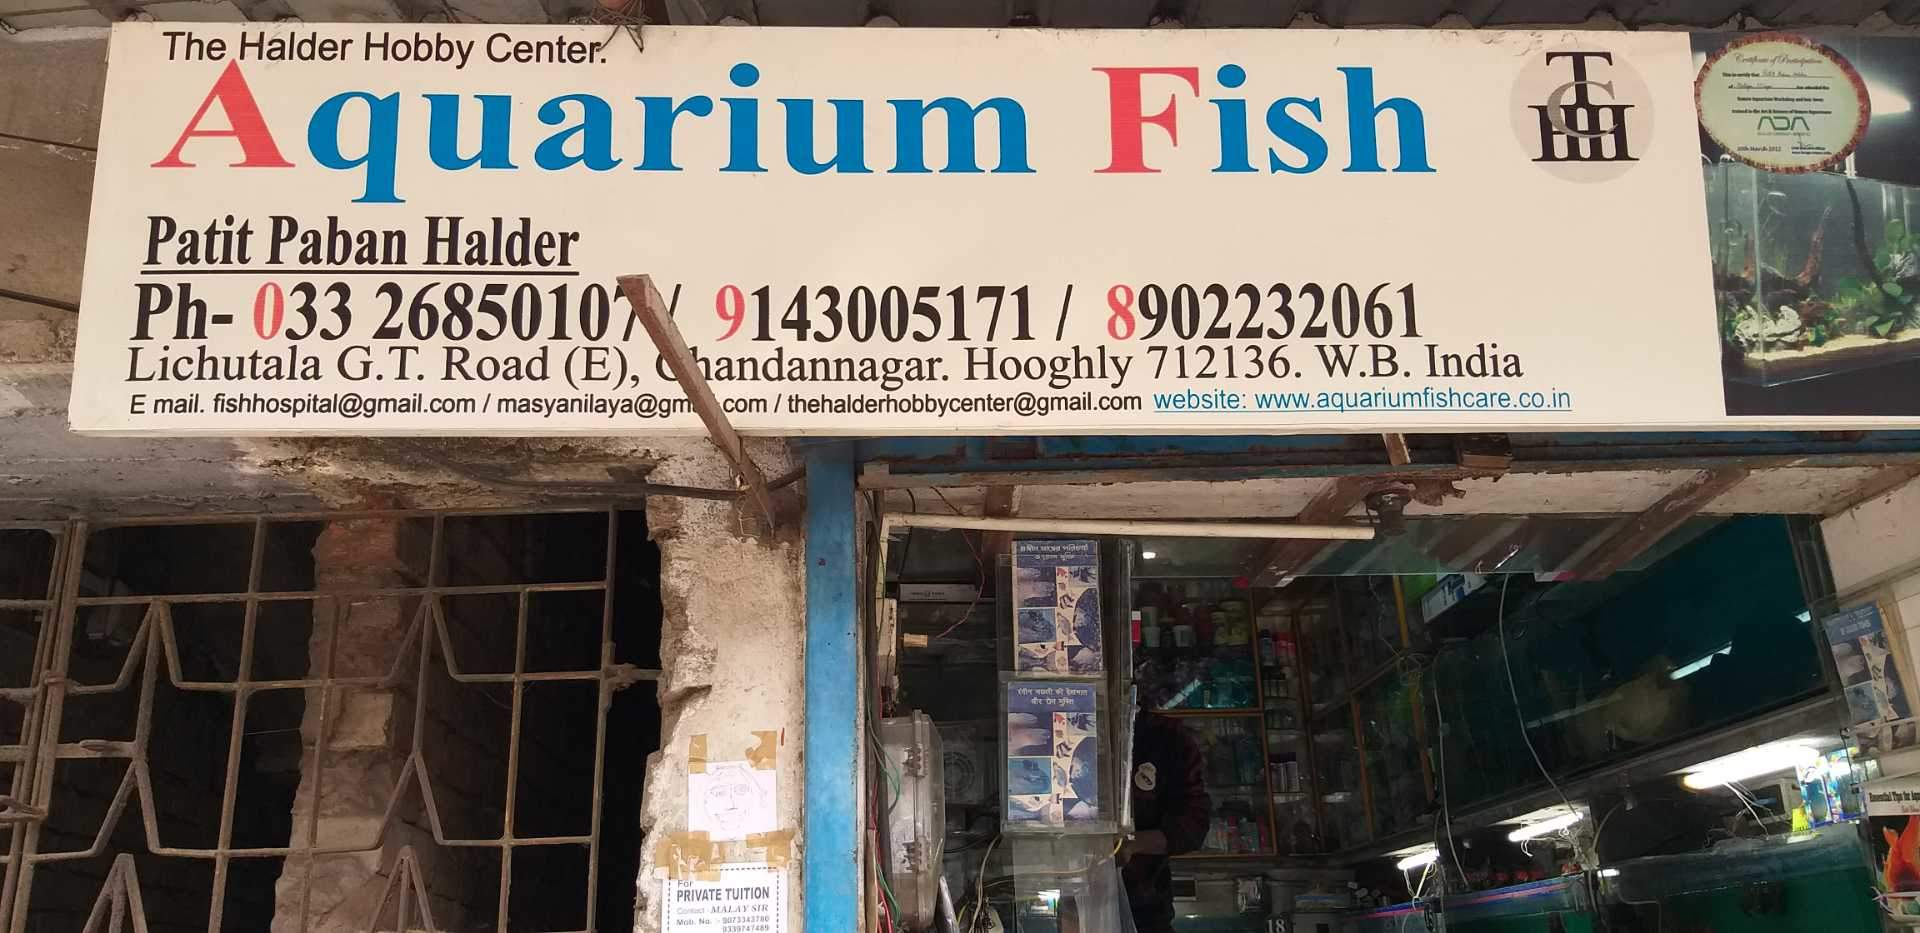 Top 50 Fish Aquarium Dealers in Hooghly - Best Fish Aquarium